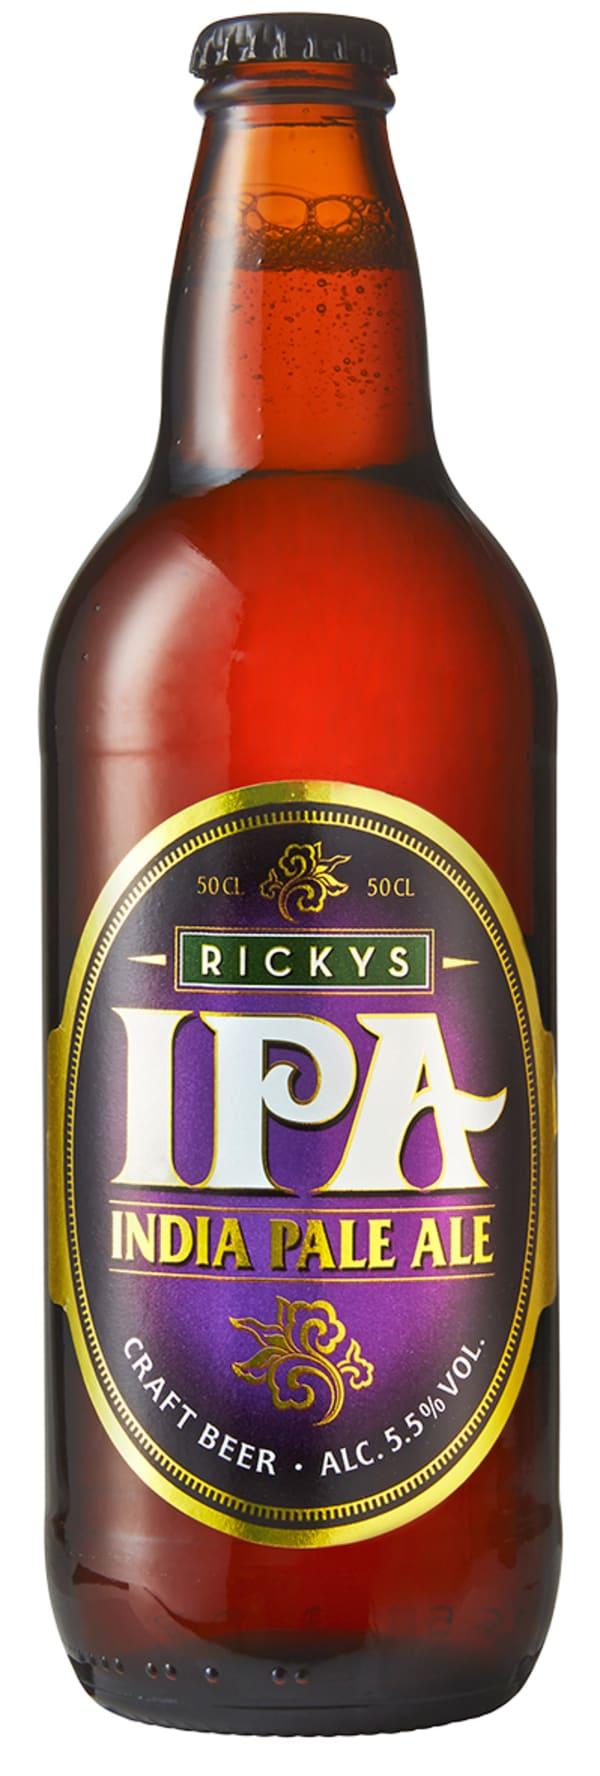 Ricky's IPA